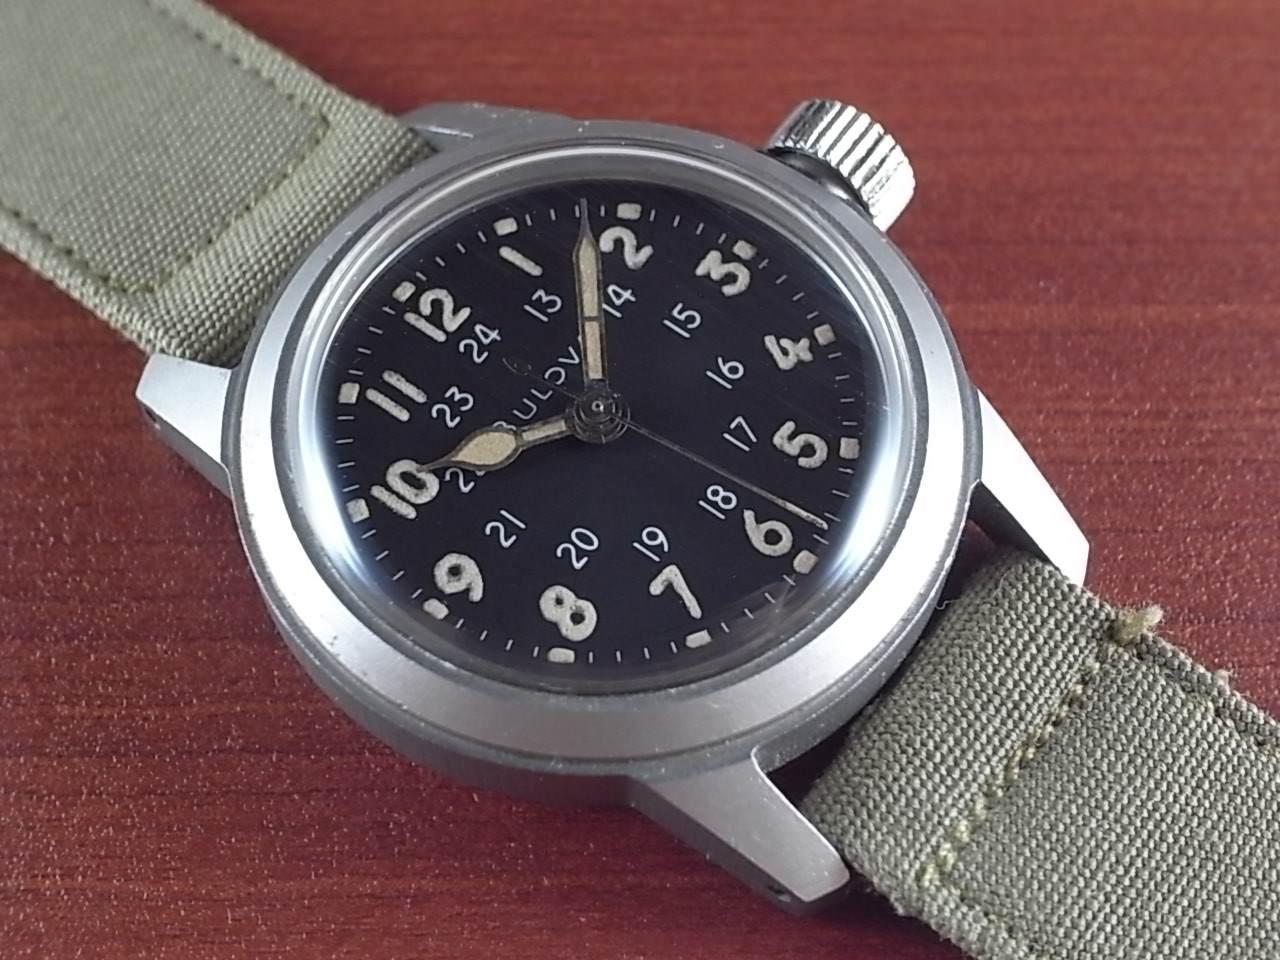 ブローバ ミリタリー 米軍 MIL-W-3818A 1960年代 のメイン写真